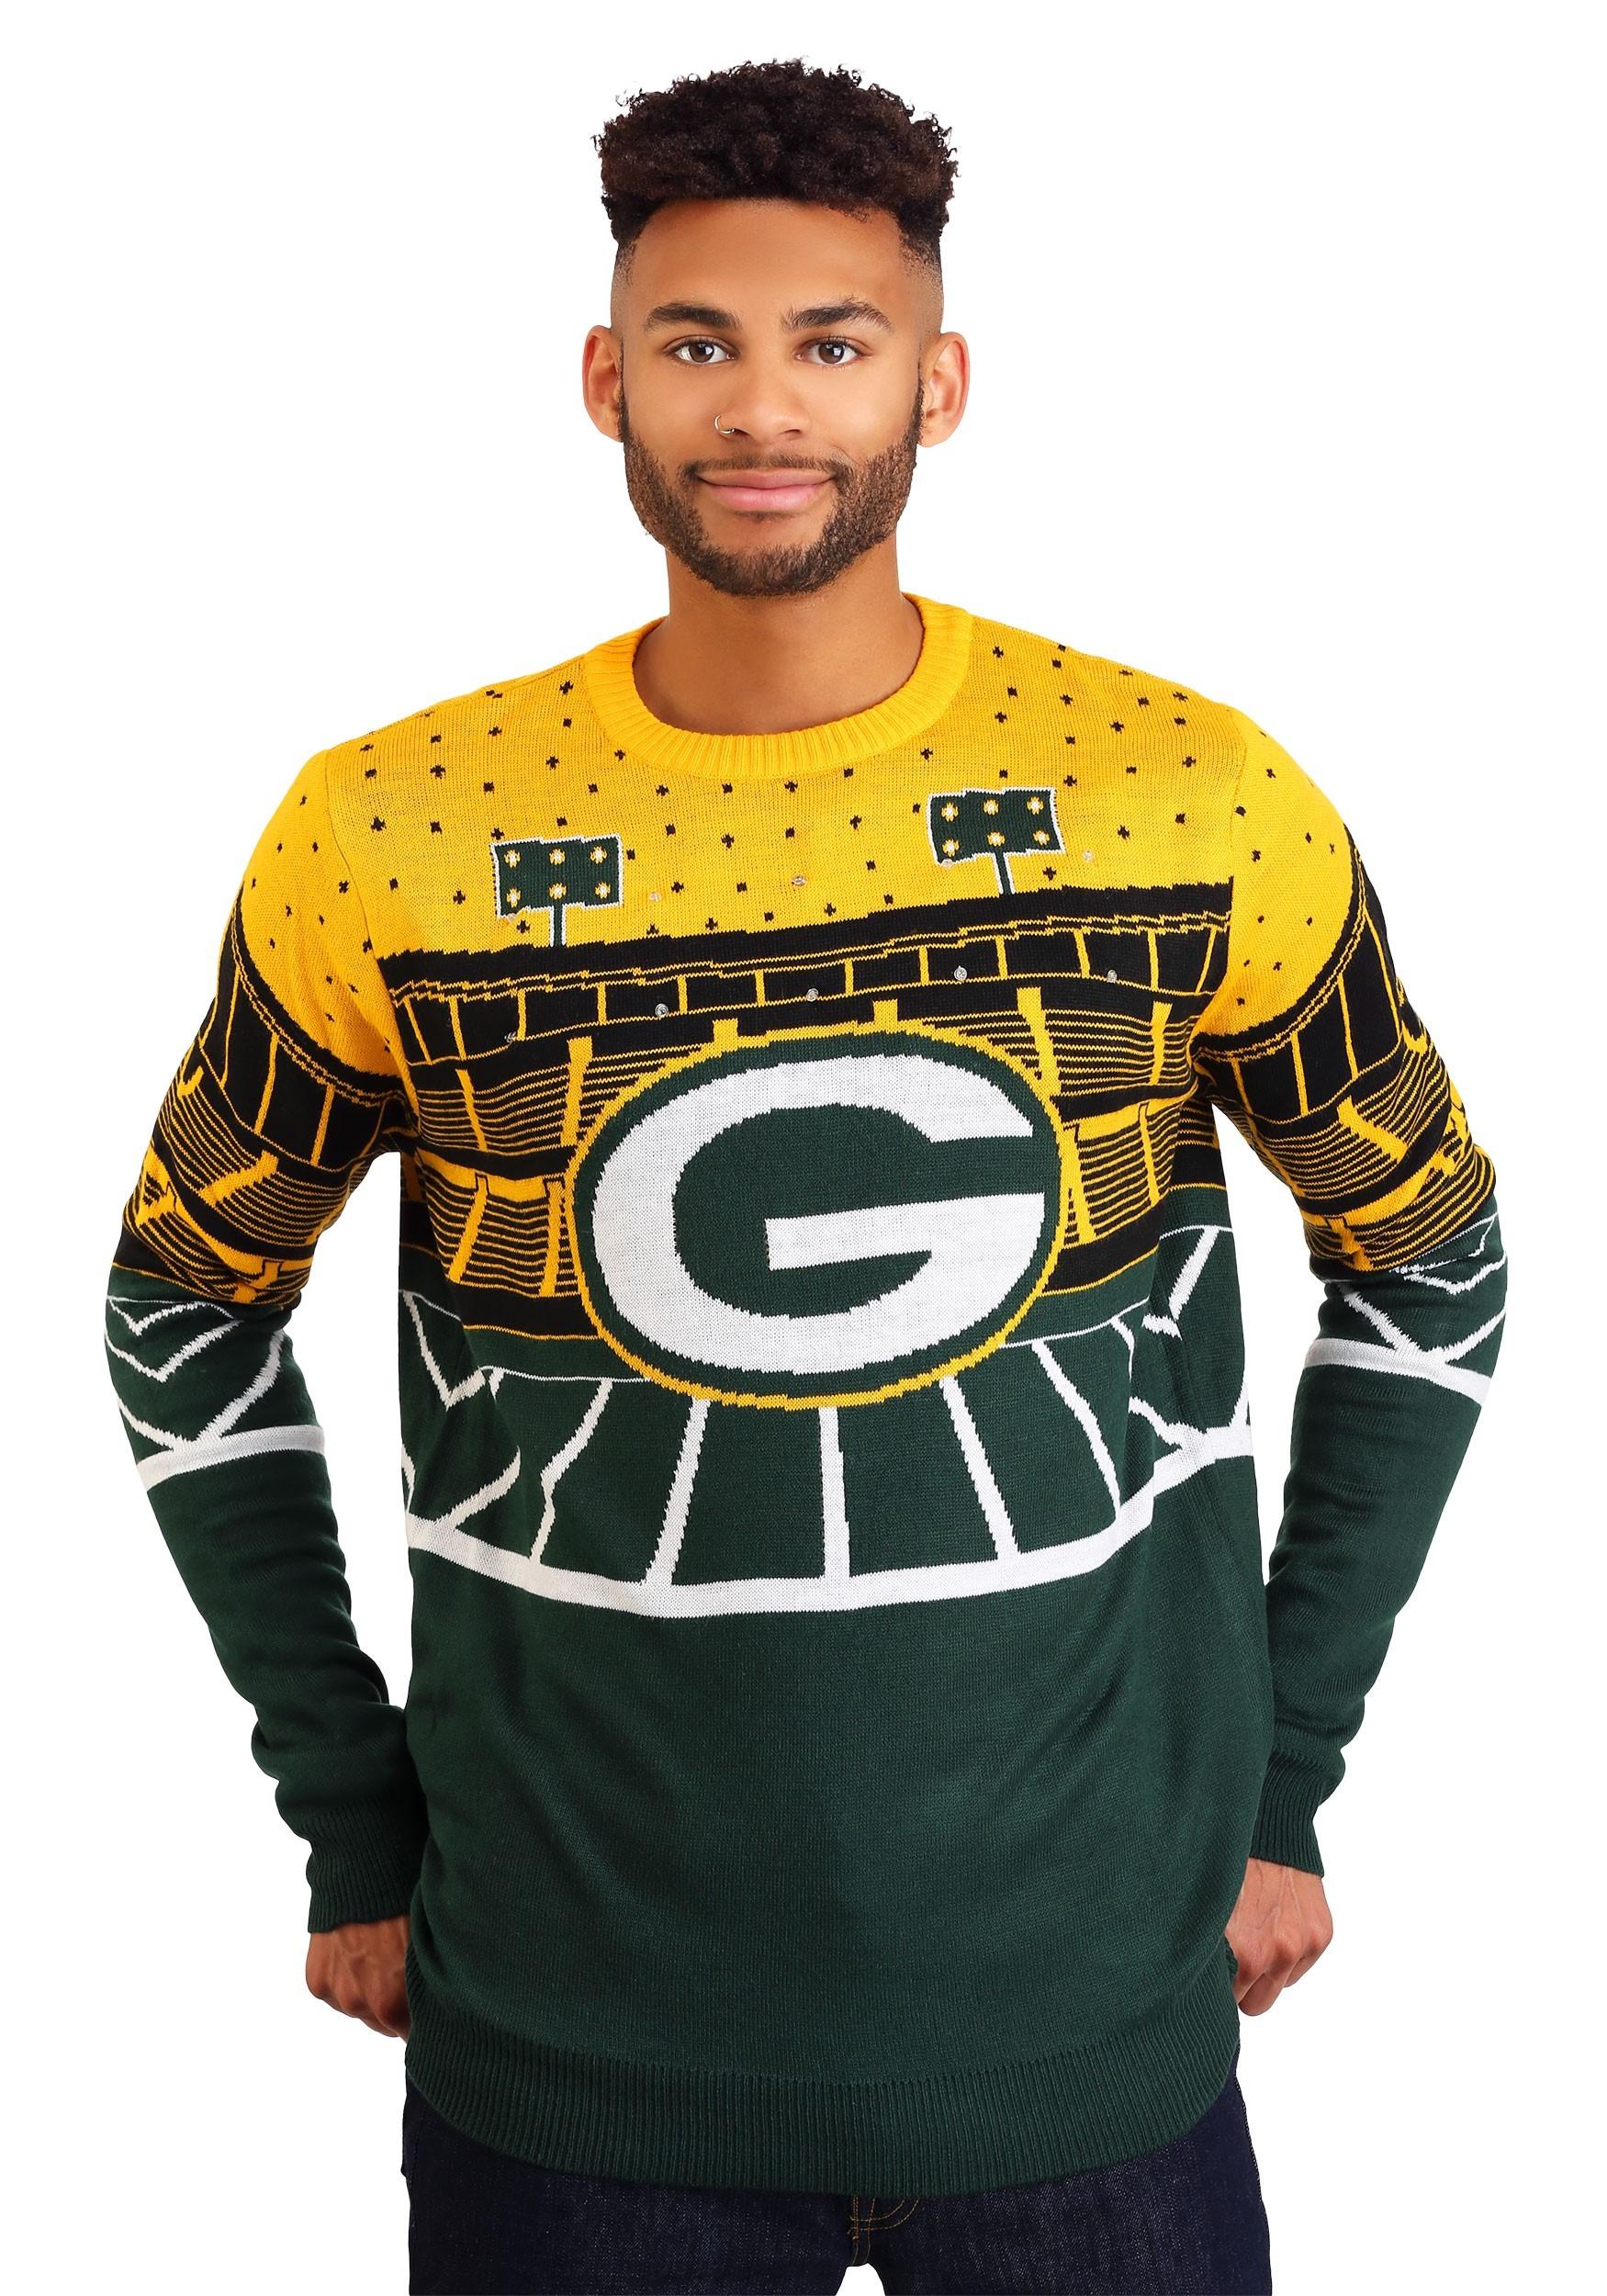 unique packer shirts